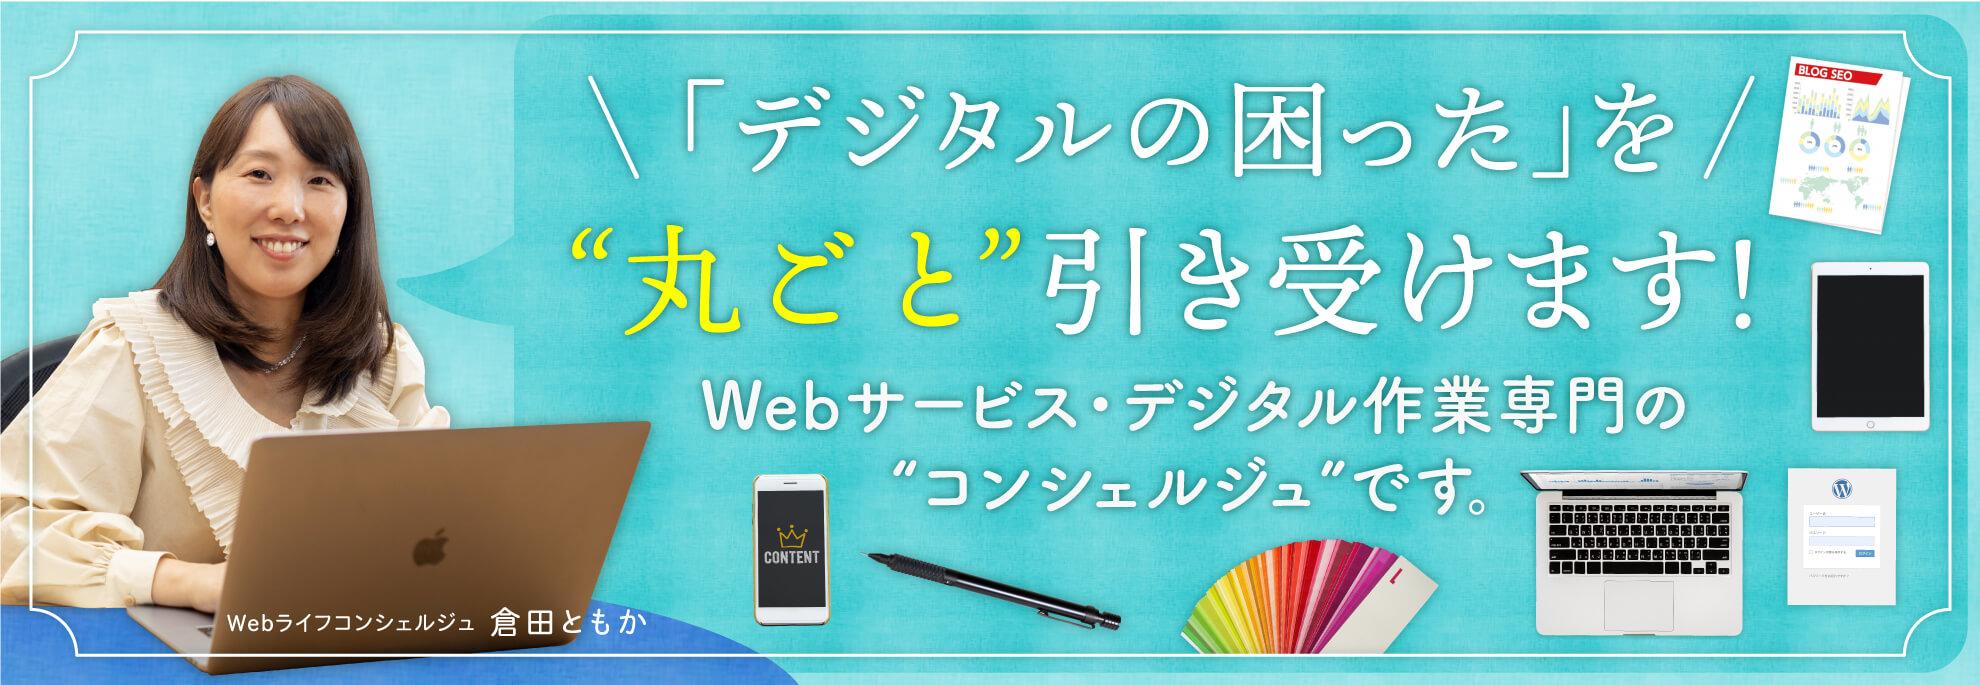 """「デジタルの困った」を""""丸ごと""""引き受けます! Webサービス・デジタル作業専門の""""コンシェルジュ""""です。"""